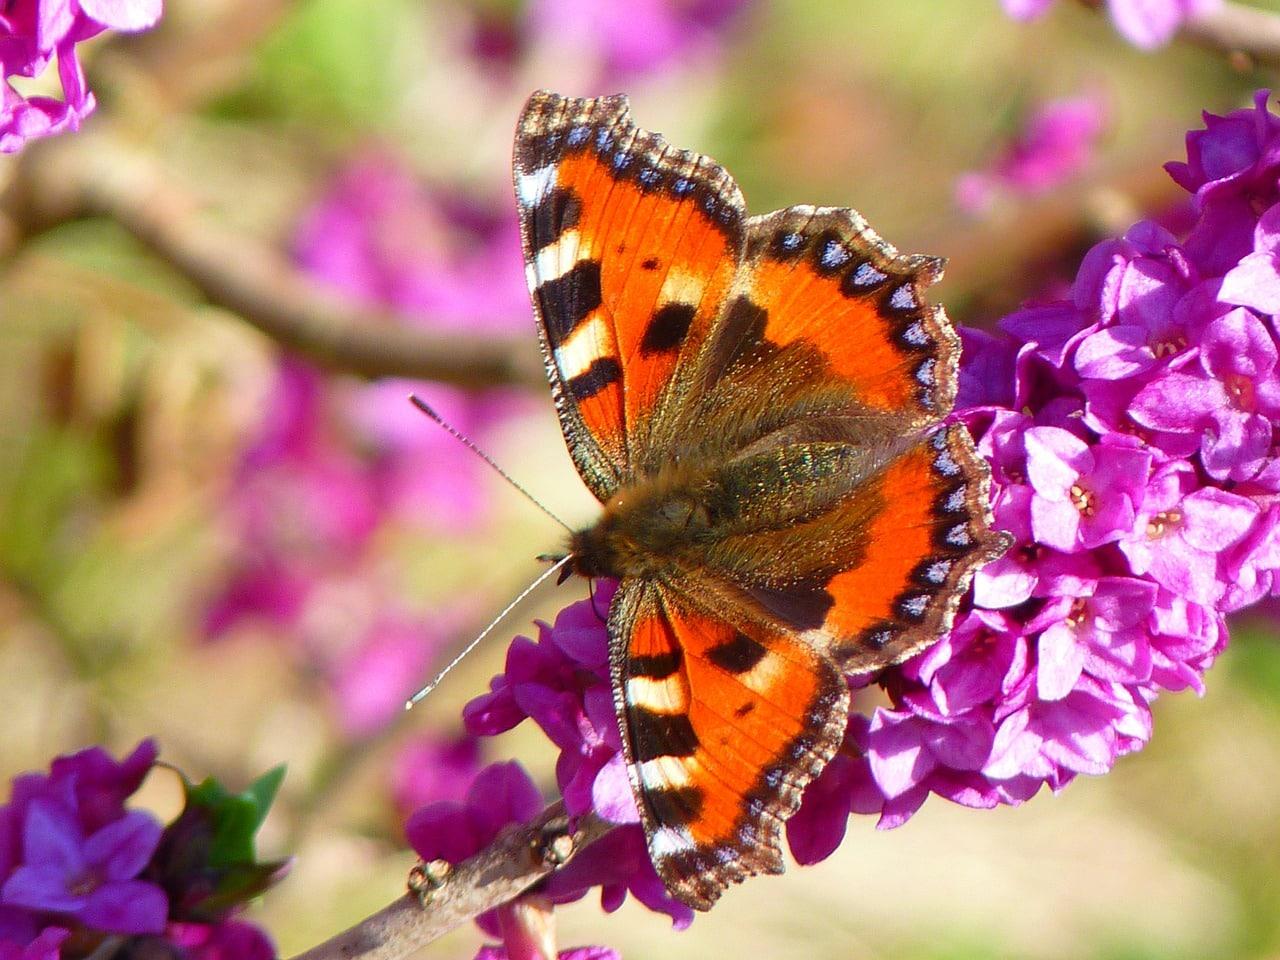 Verliebt trotz Beziehung - Schmetterlinge im Bauch